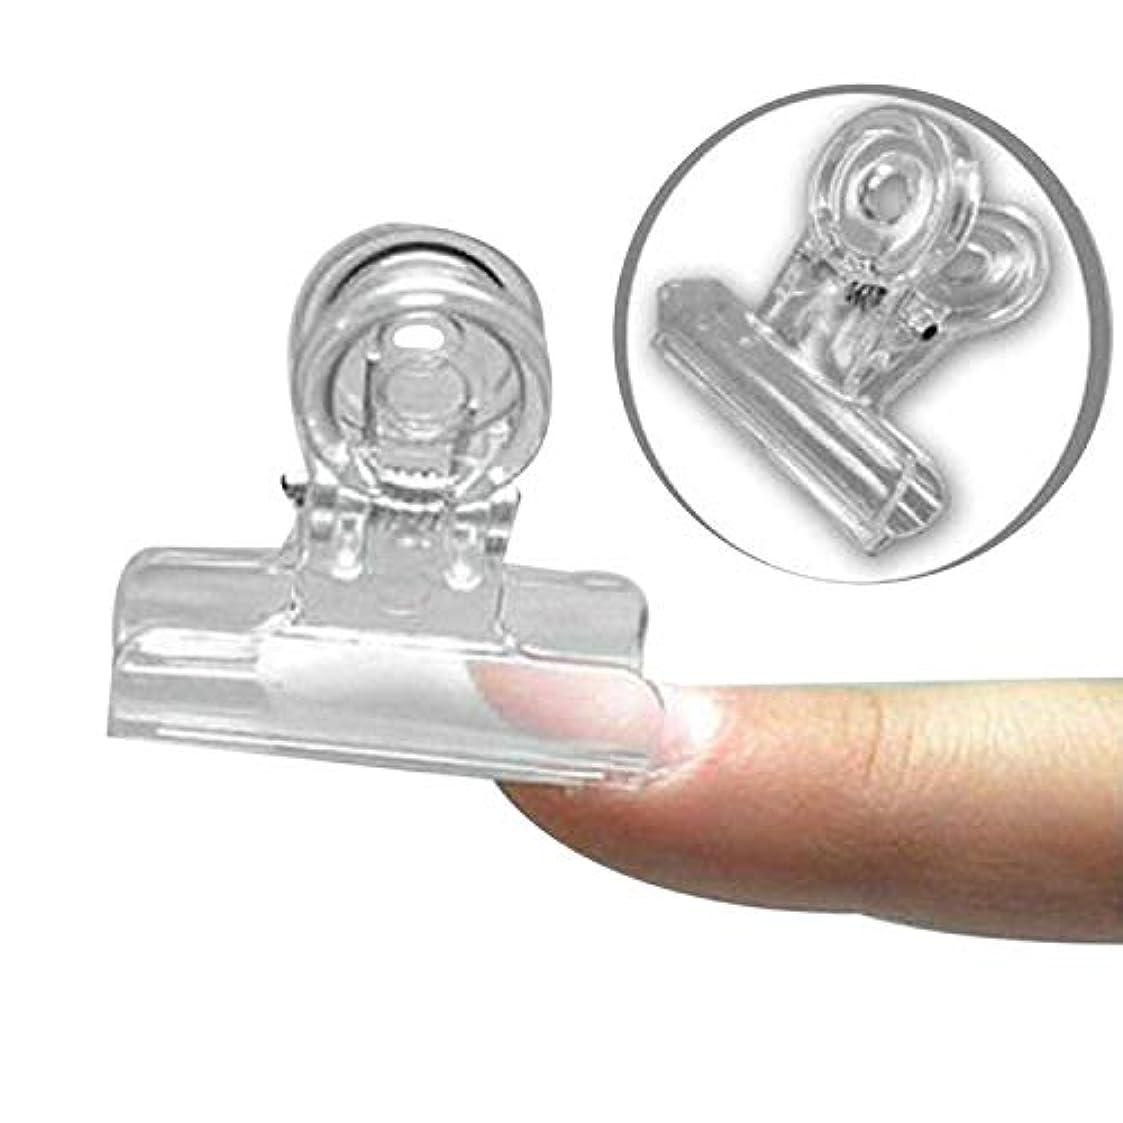 技術者冷蔵する通行料金TOOGOO カーブネイルピンチクリップツール多機能プラスチック爪 ランダムカラー(トランスペアレント)